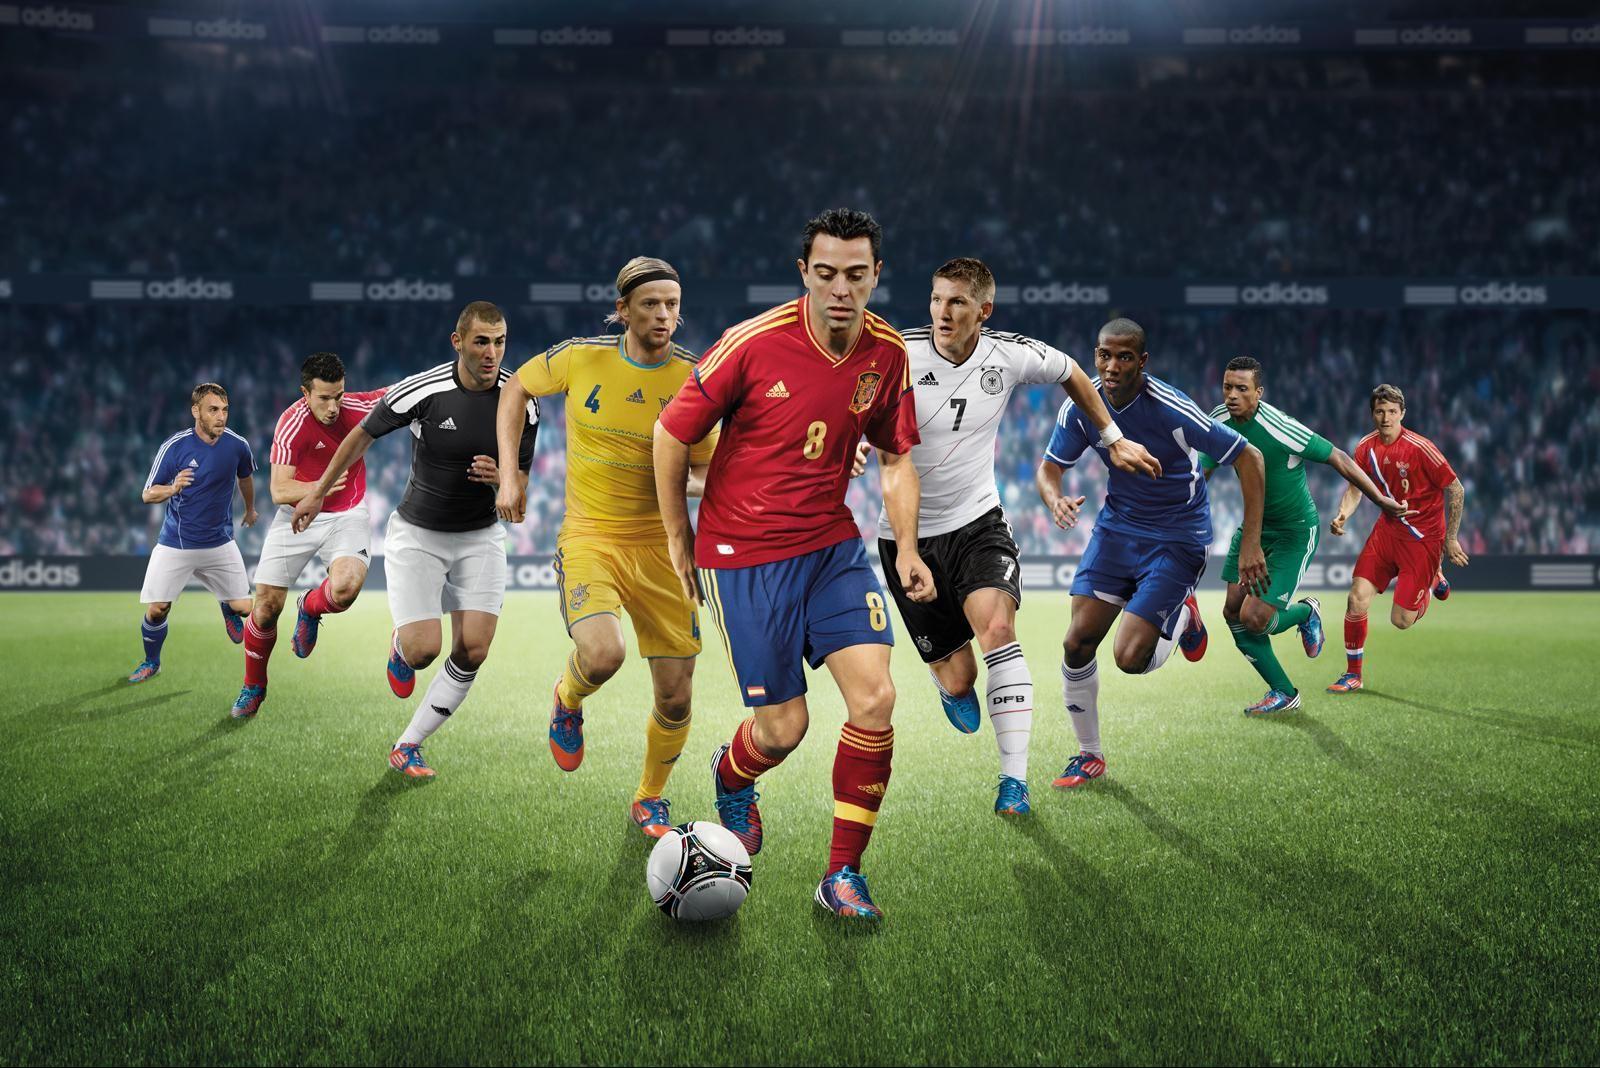 Los Lideres De La Euro2012